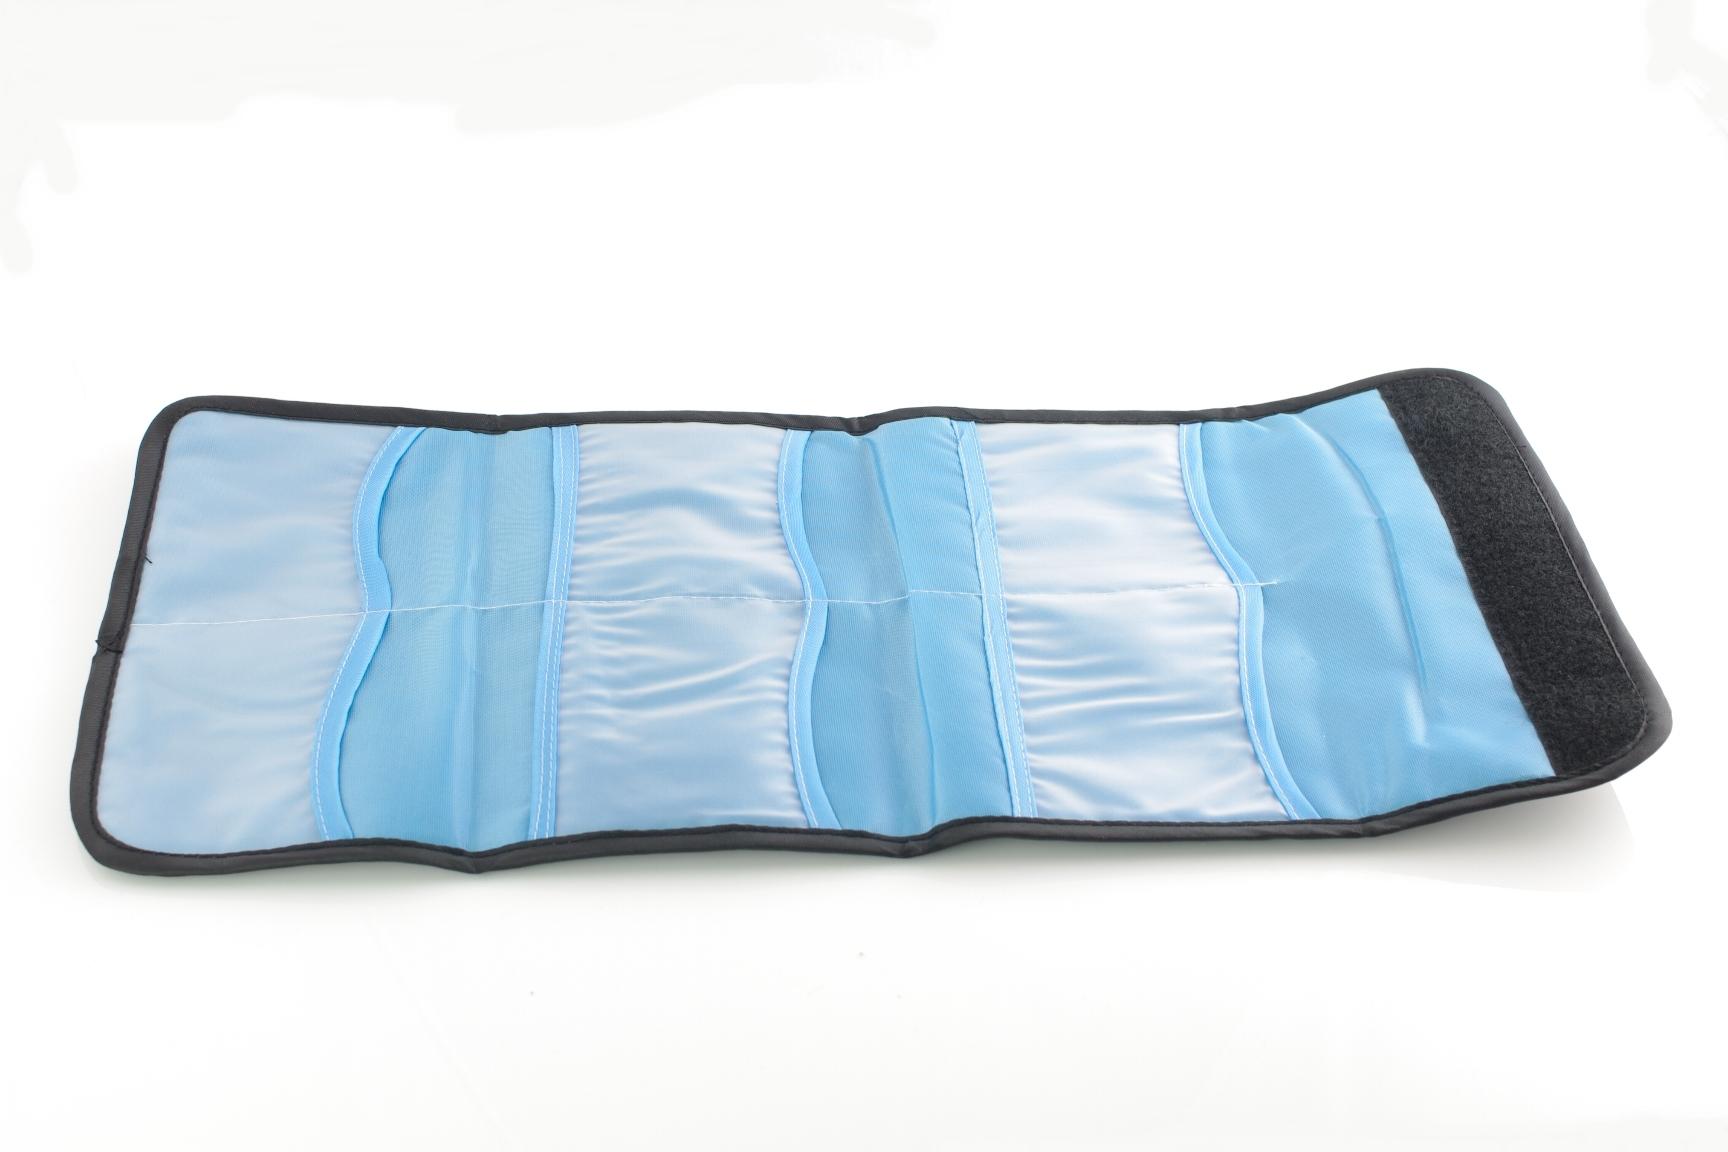 又敗家@六片裝MC-UV濾鏡包B款(6片裝,適CPL偏光鏡IR紅外線濾鏡可調ND濾鏡天光鏡星芒鏡)UV濾鏡袋MCUV保護鏡袋保護鏡包收納包收納袋